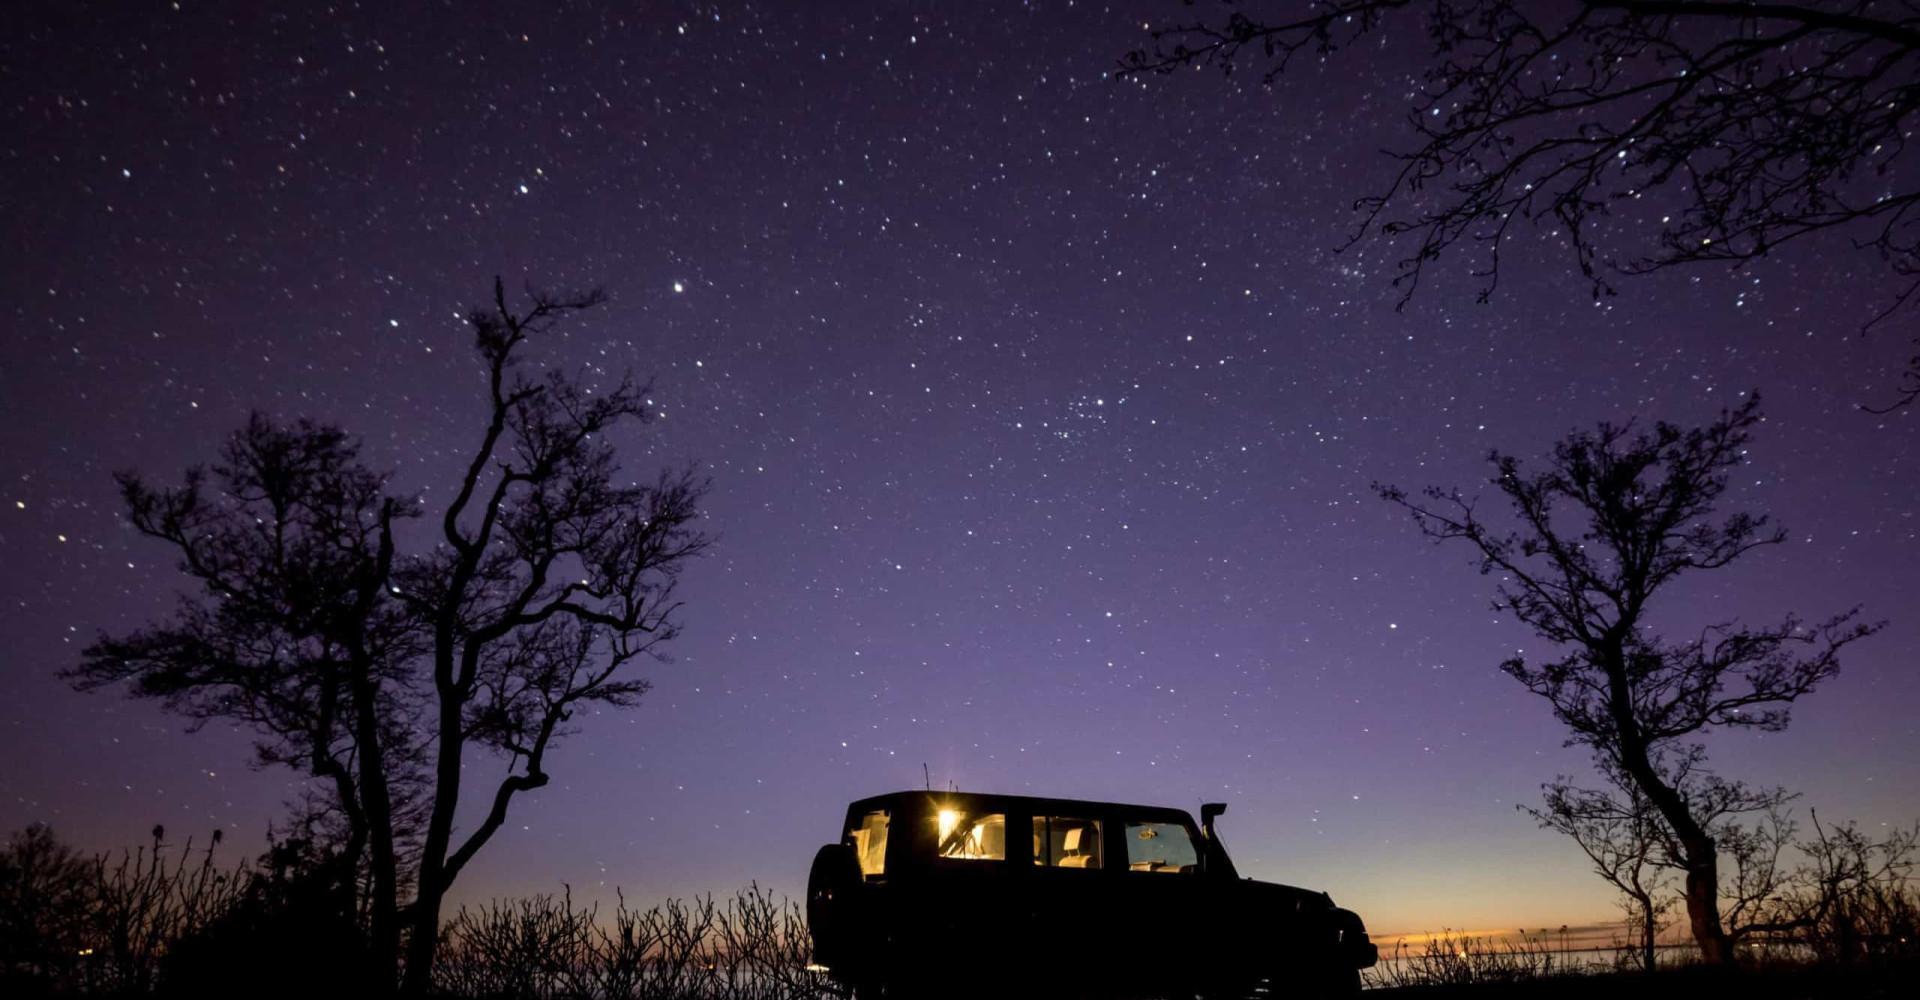 Astrologie: choisir votre voiture en fonction de votre signe